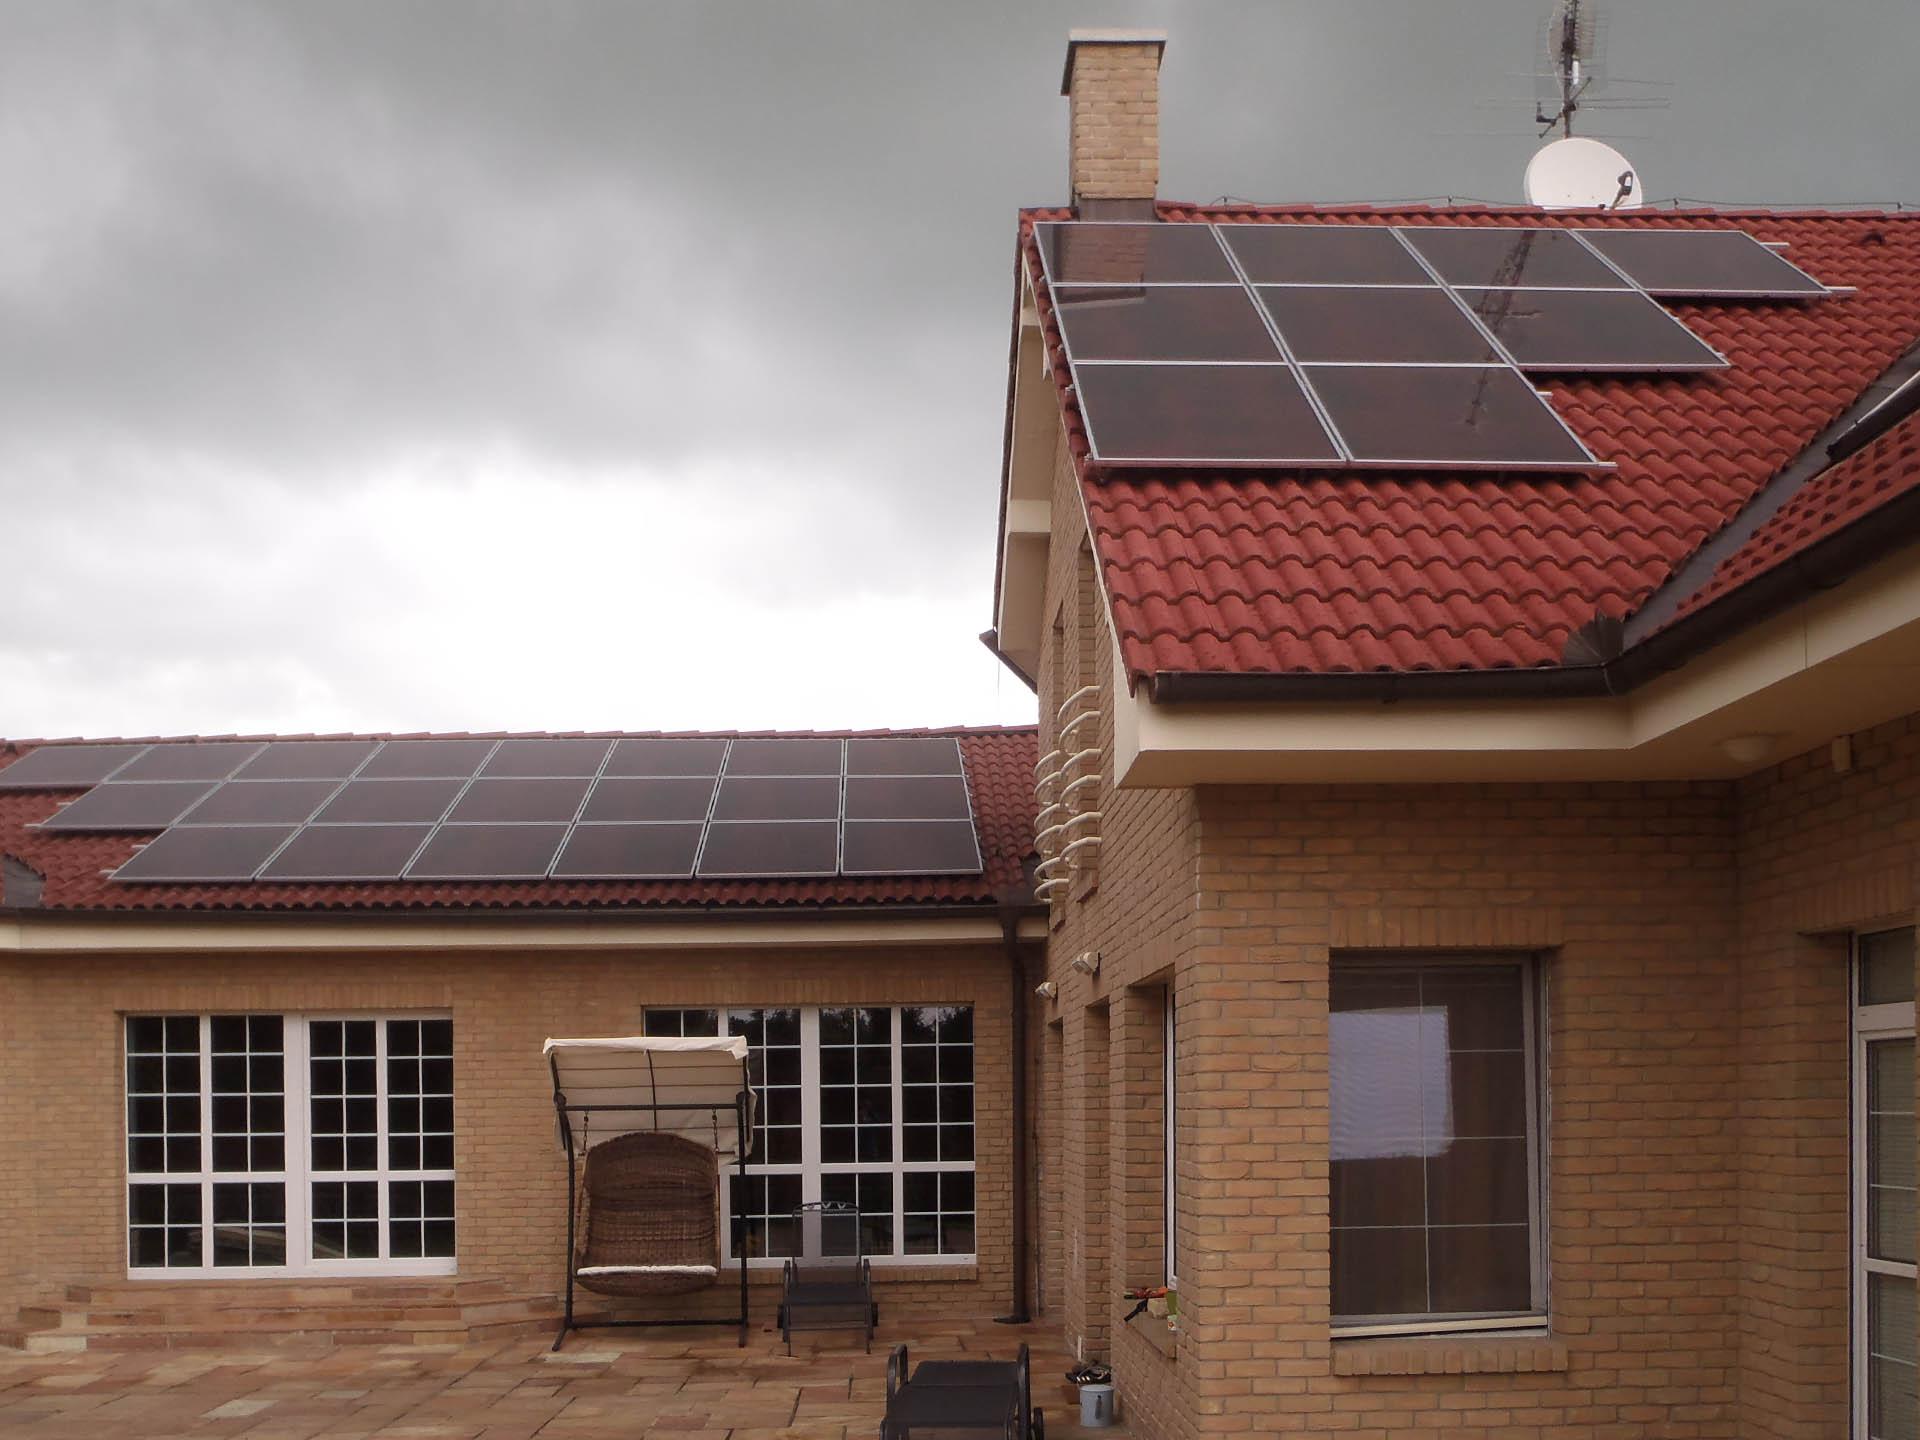 Luxusní vila, Březiněves. Instalace fotovoltaické elektrárny o výkonu 5 kWp